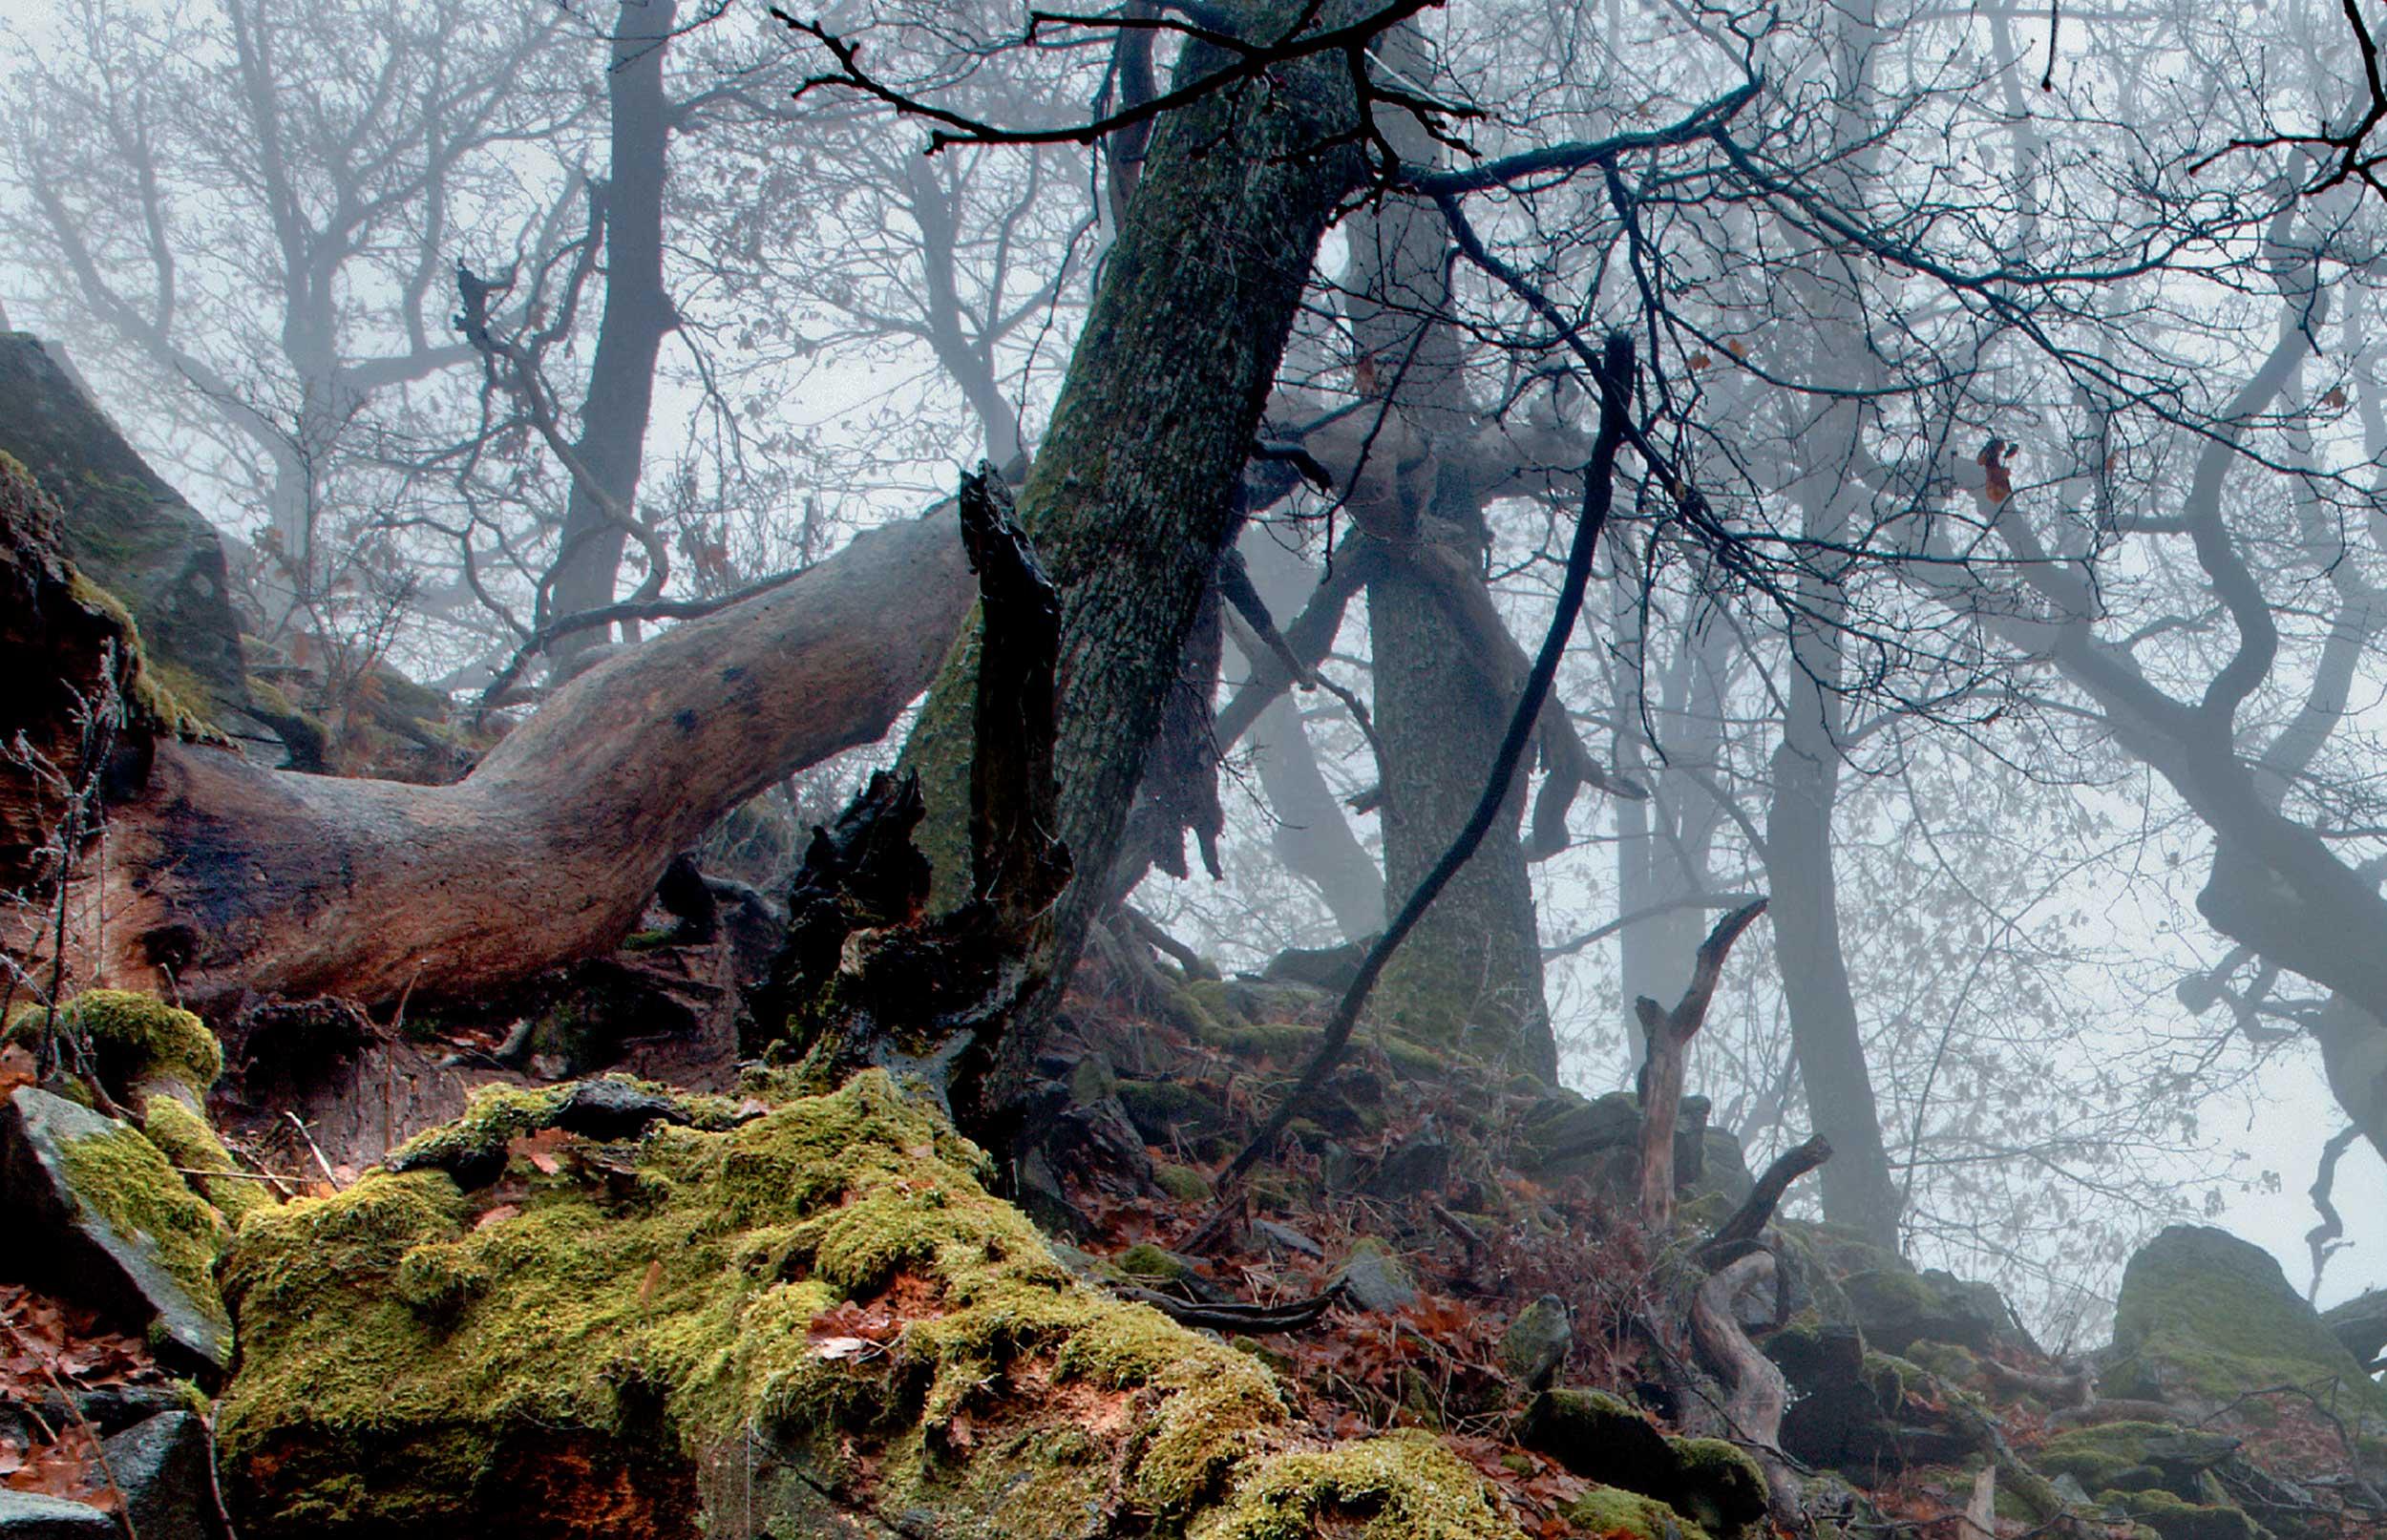 Det haster med vildere skove